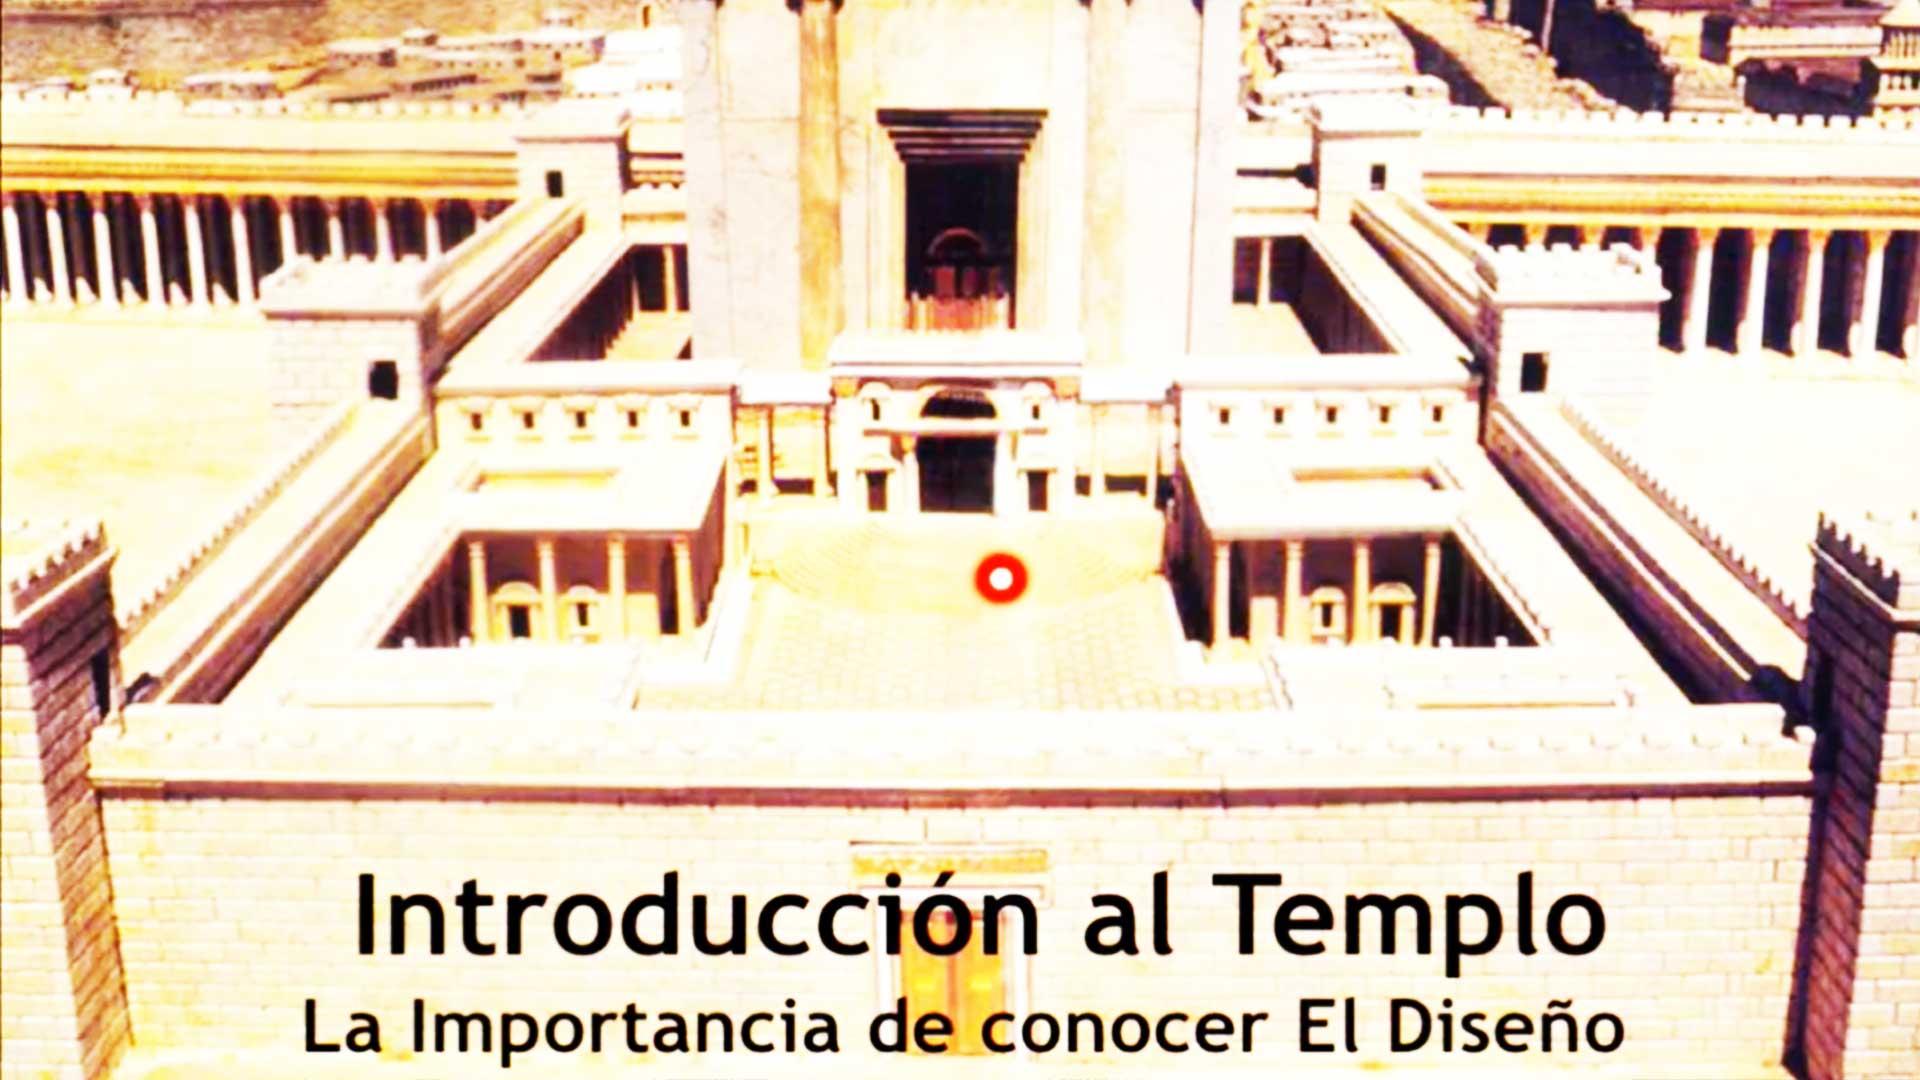 Intro-del-templo